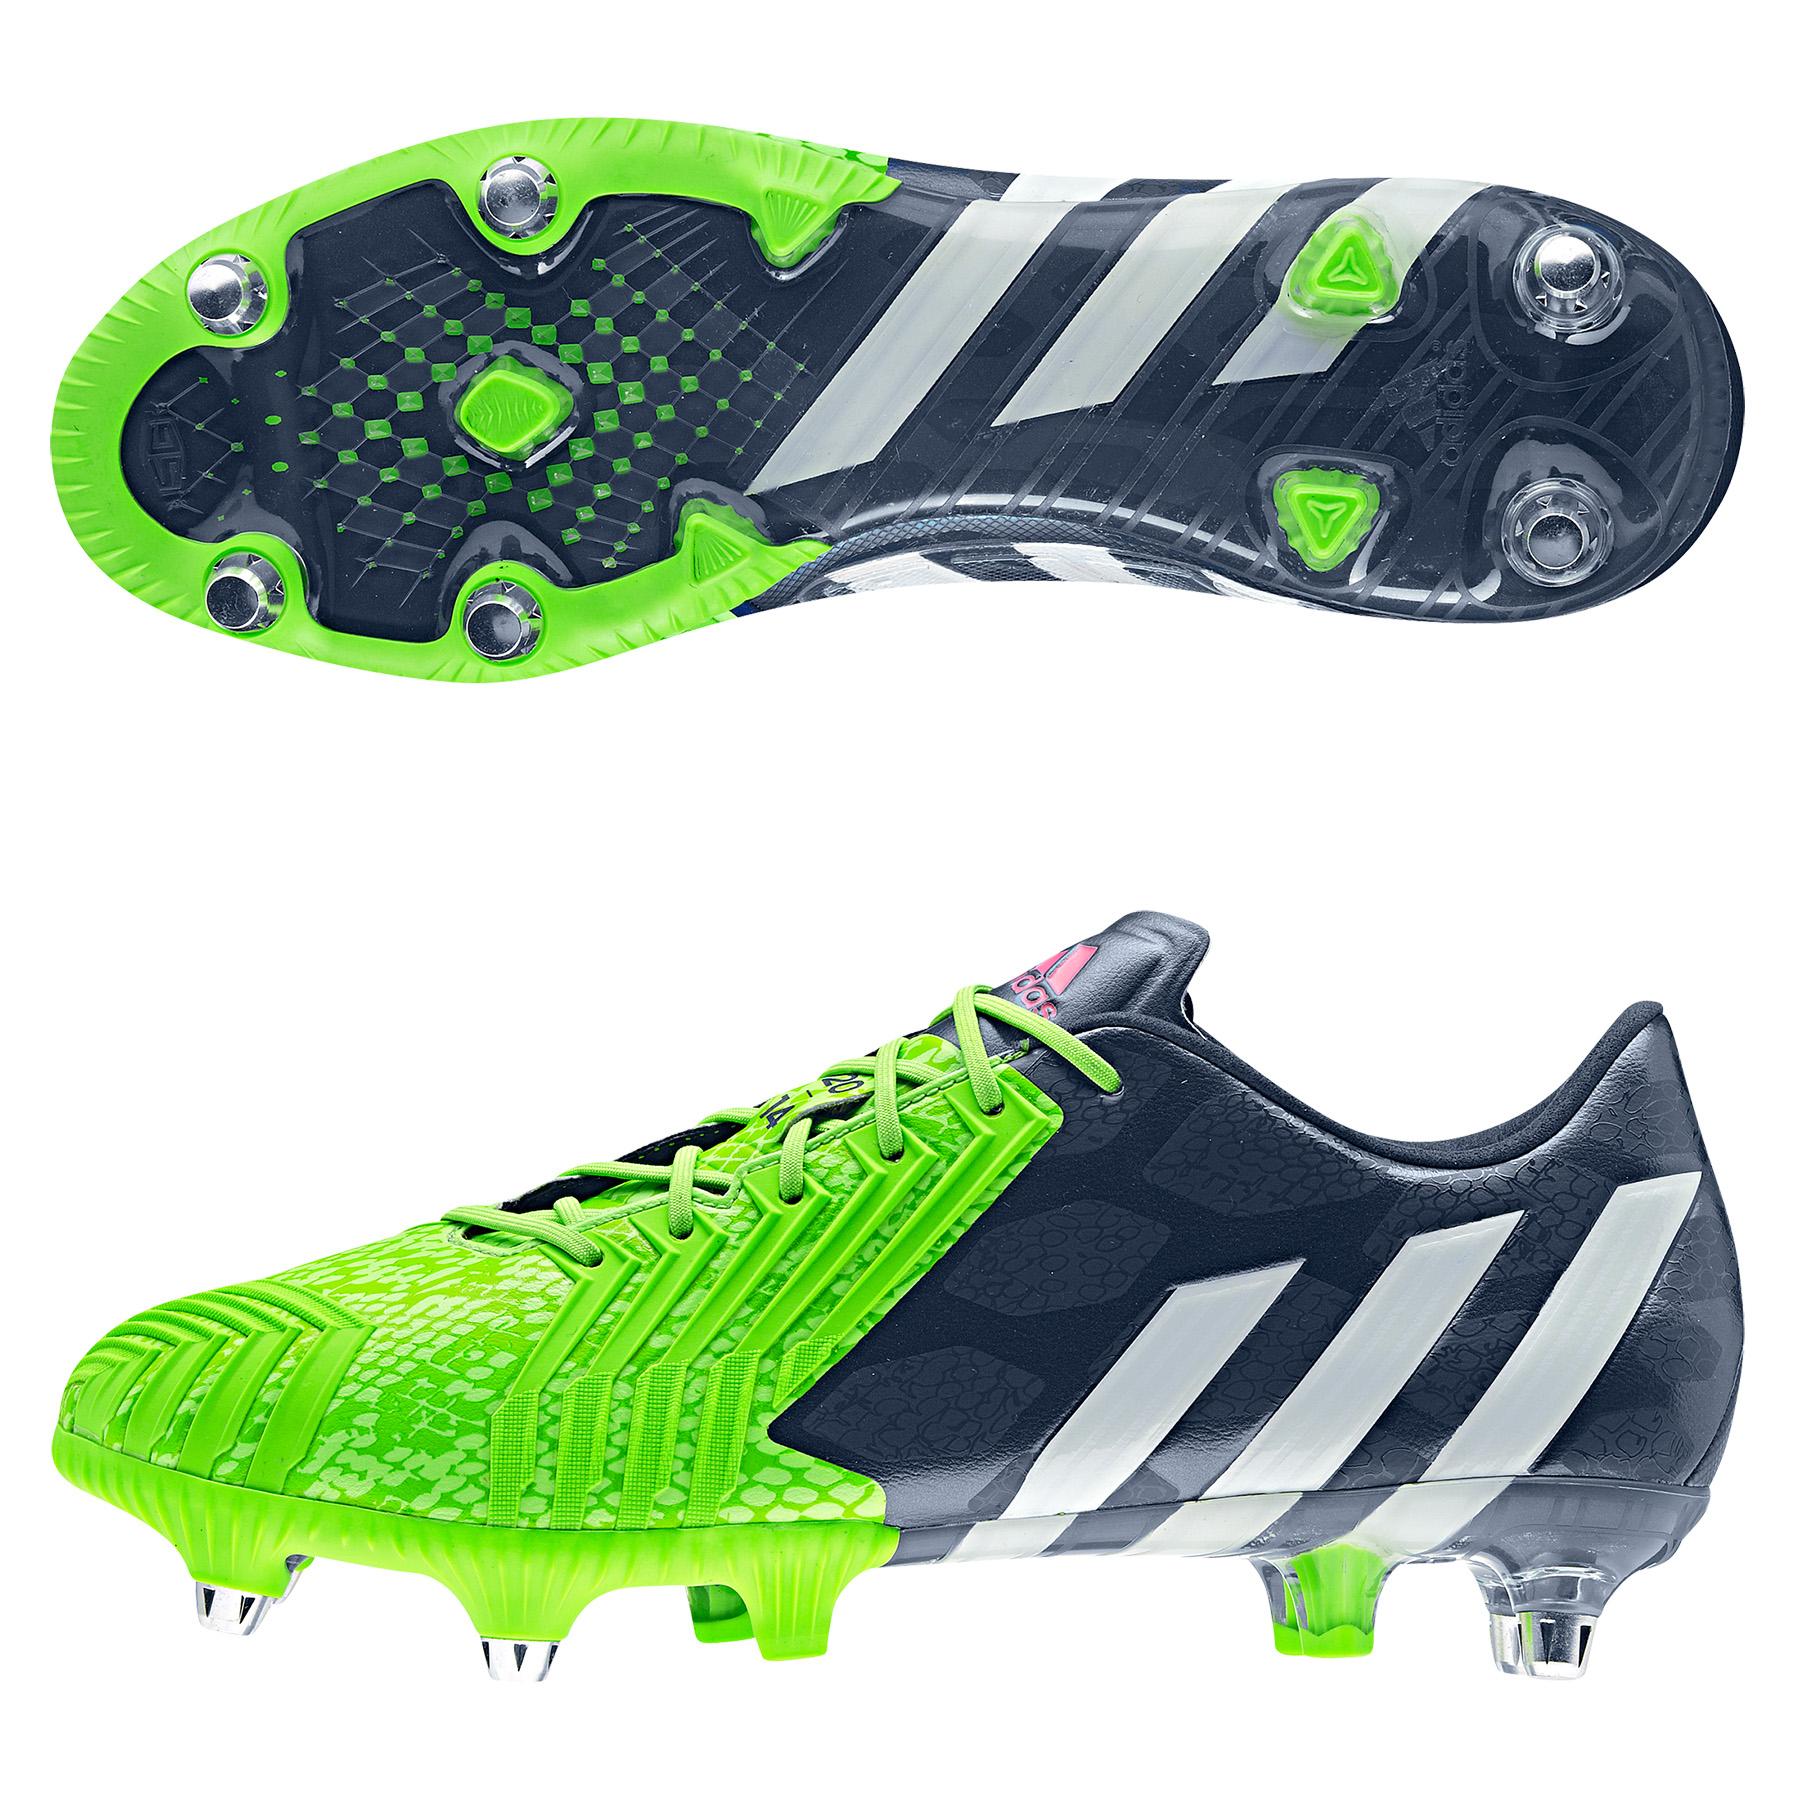 Adidas Predator Instinct Soft Ground Green